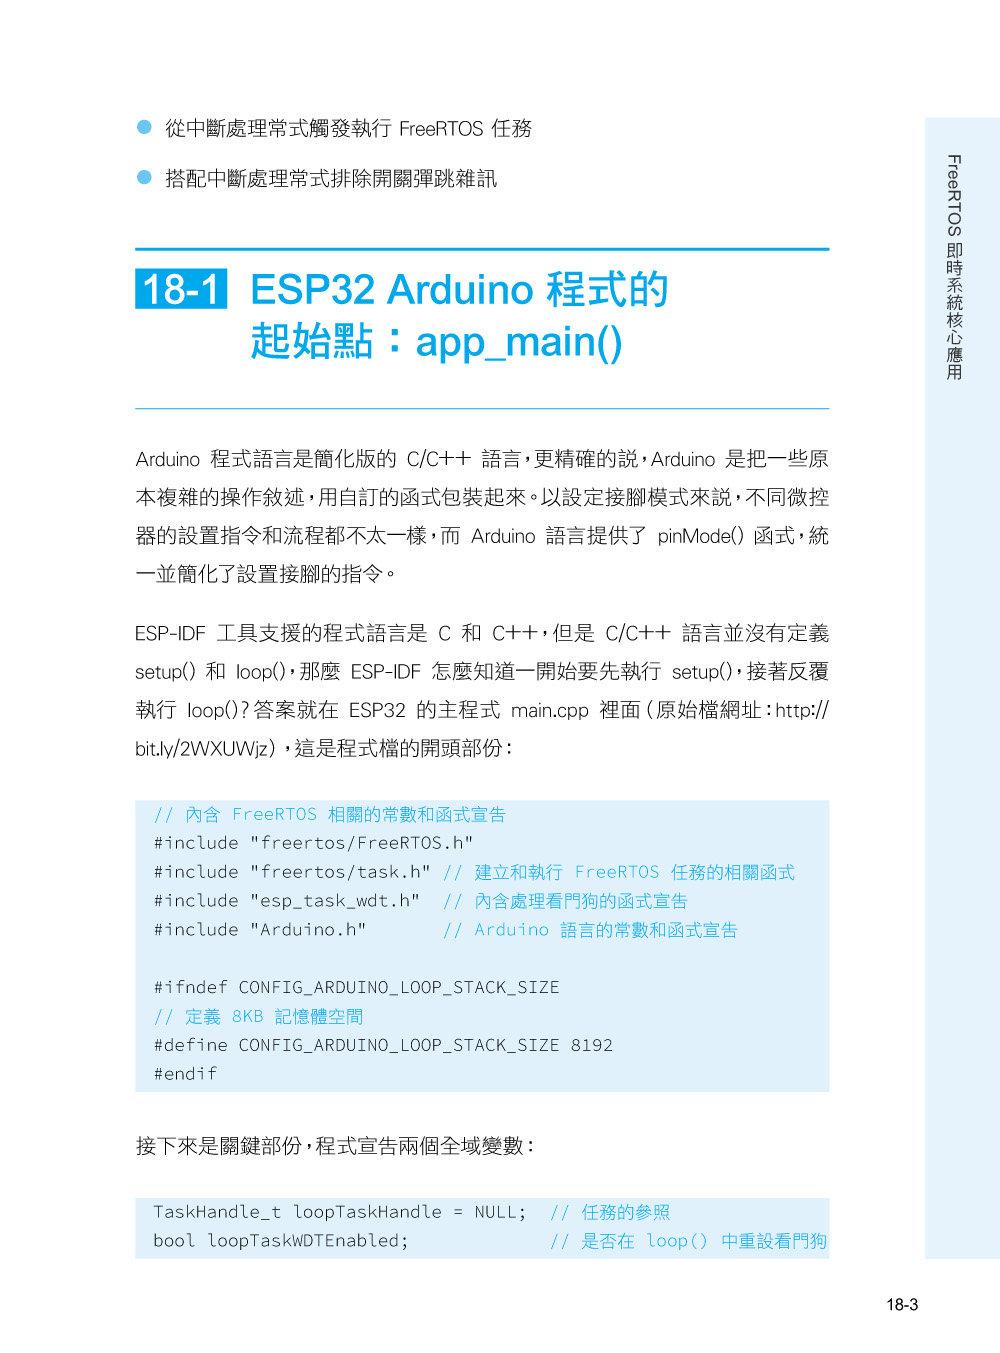 超圖解 ESP32 深度實作-preview-8